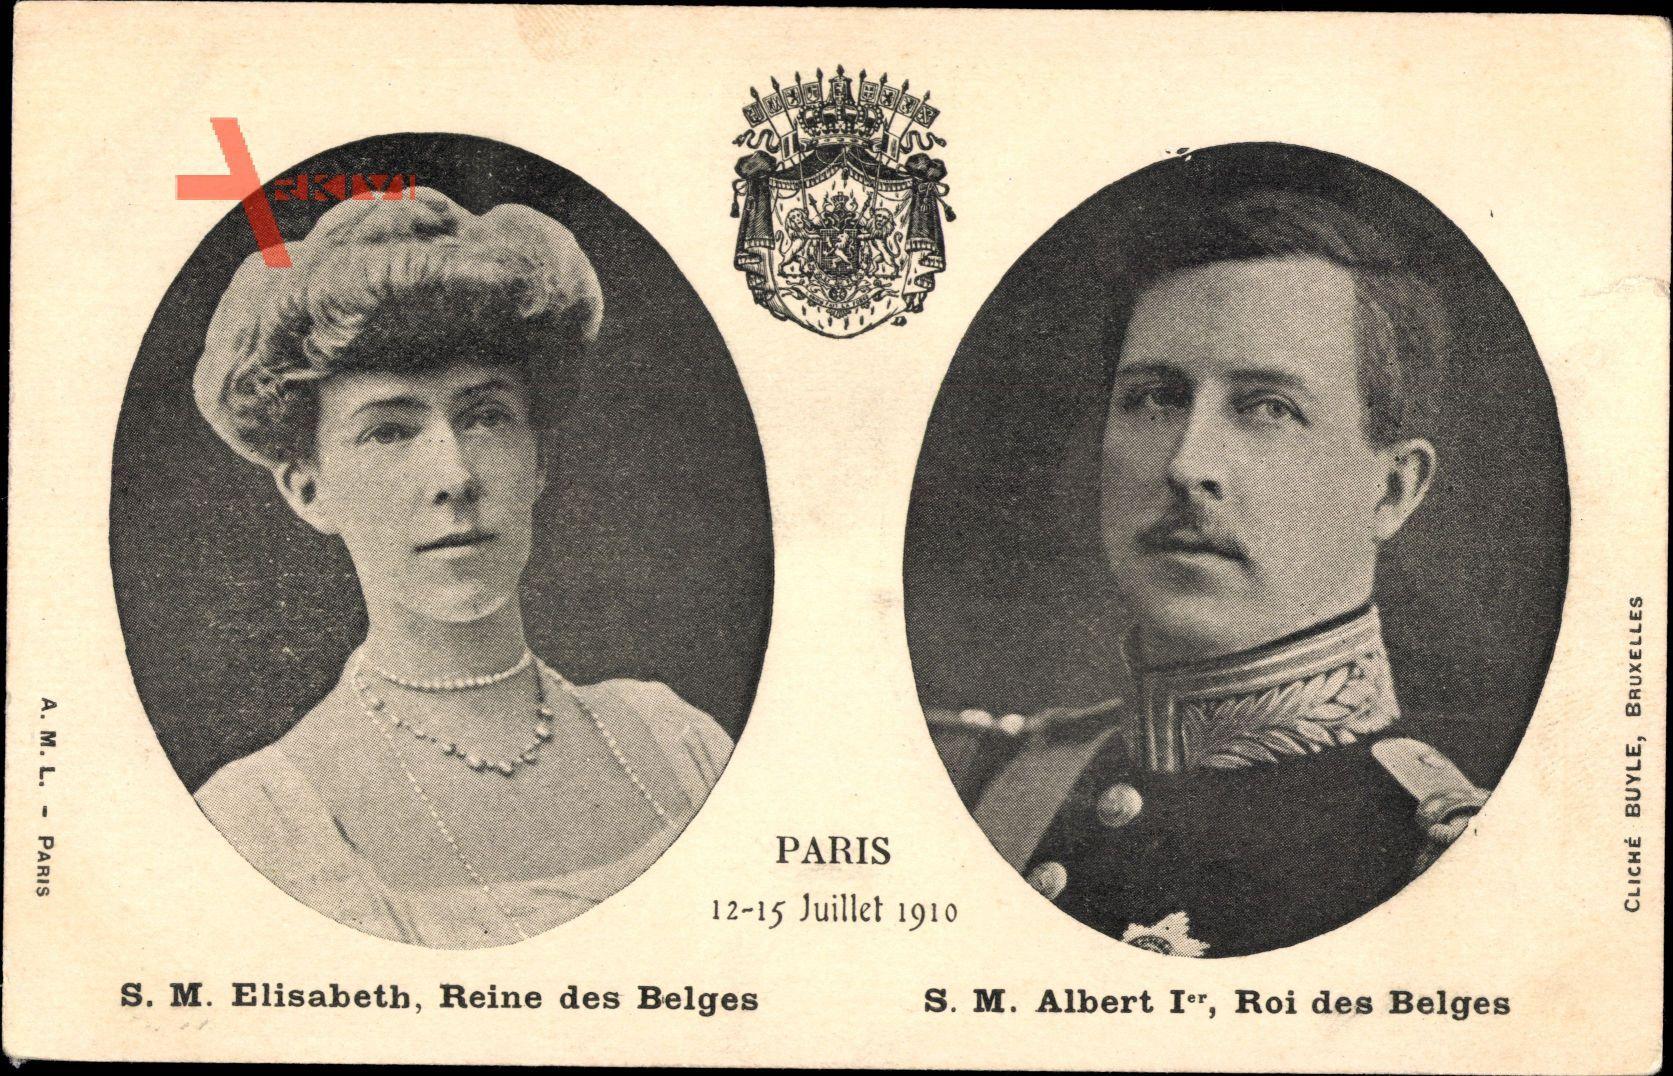 König Albert I. von Belgien, Königin Elisabeth von Belgien, Paris 1910